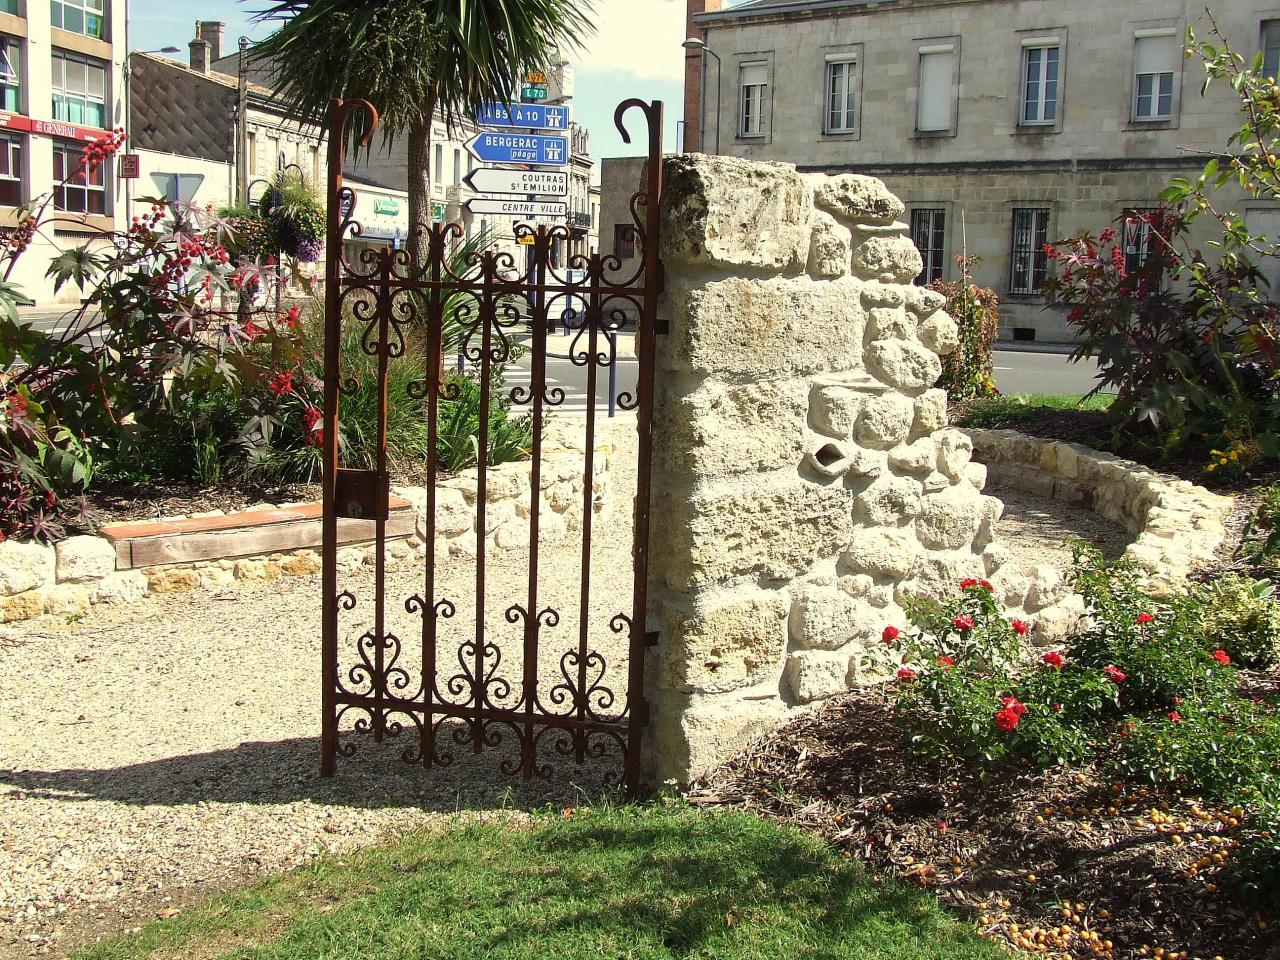 une murette en pierre, square du 15ème dragon